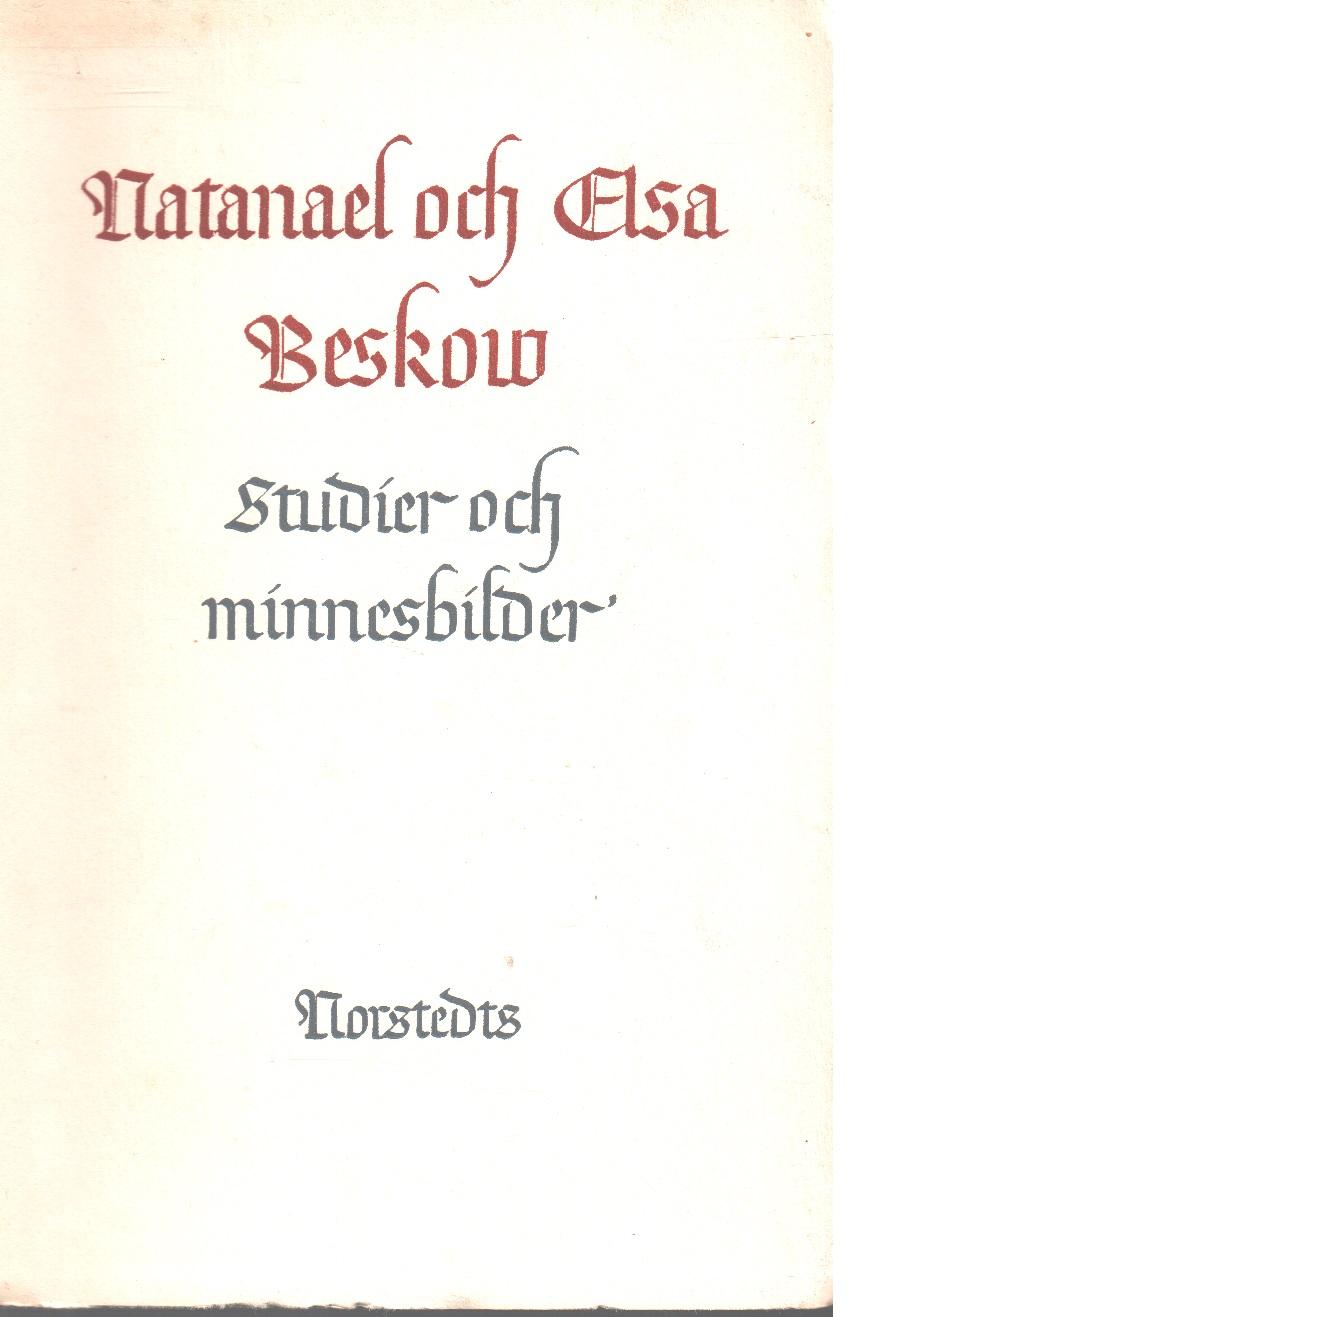 Natanael och Elsa Beskow : studier och minnesbilder - Red.